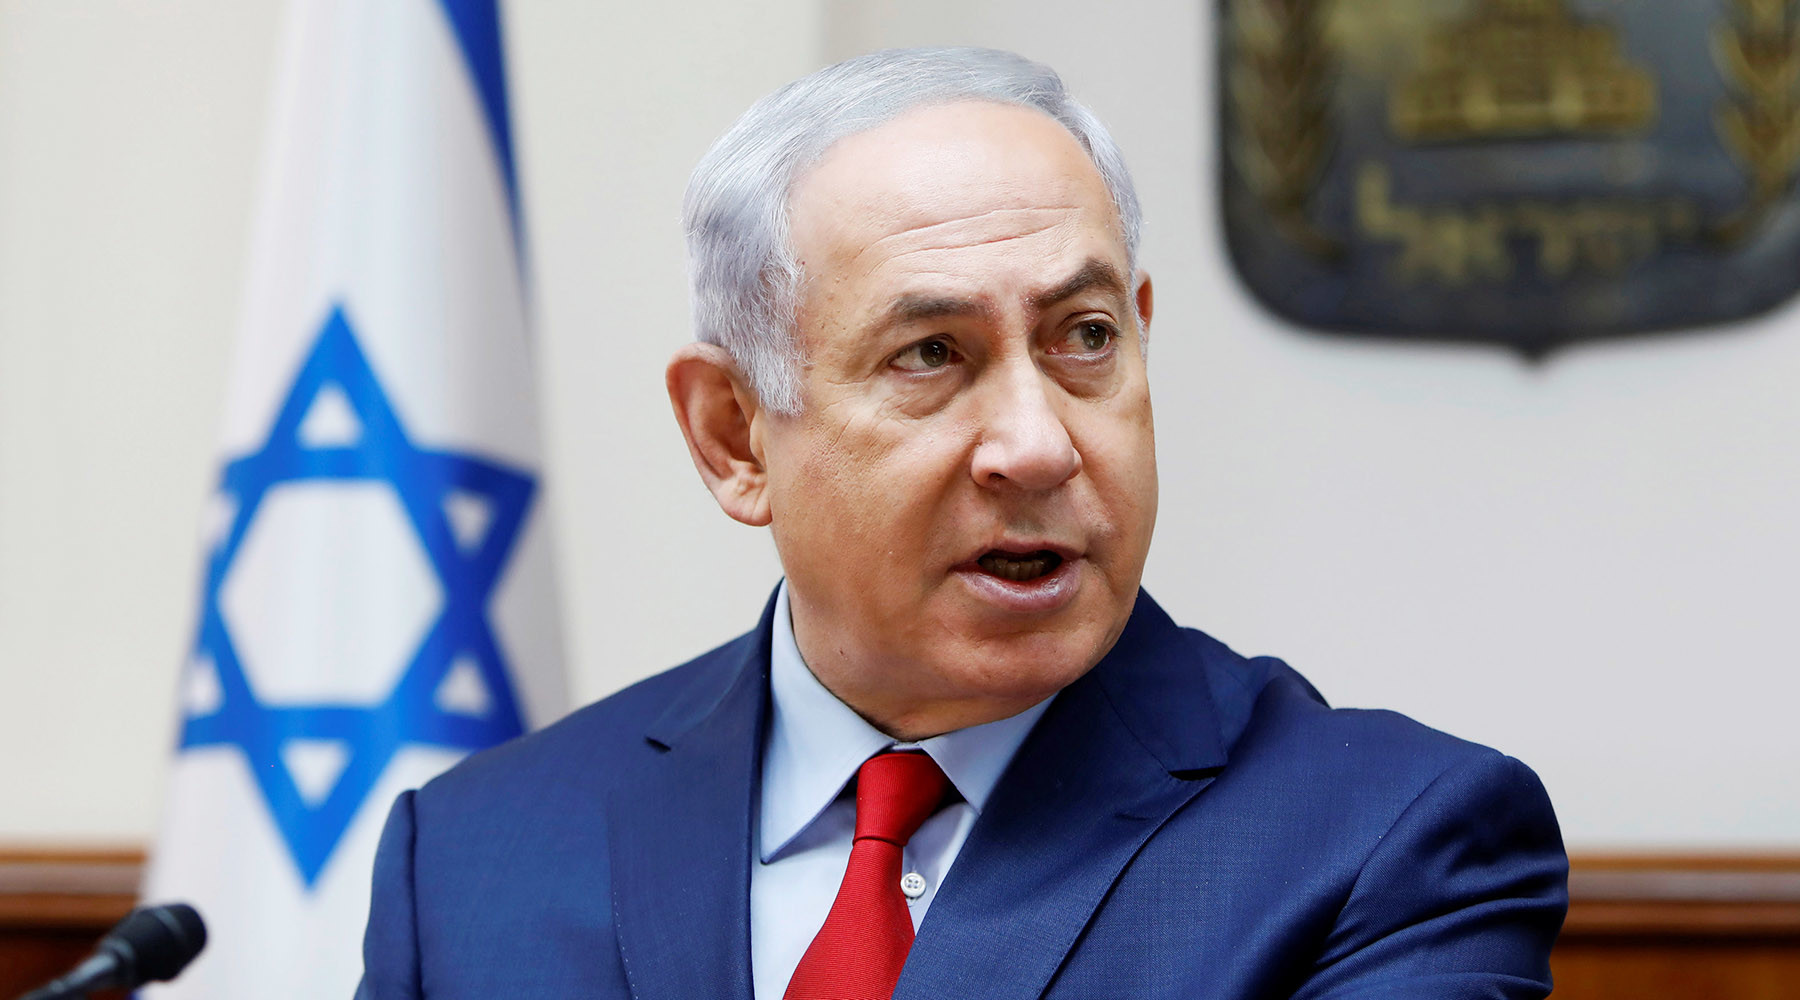 зачем израильский премьер-министр просил о срочной встрече с Путиным